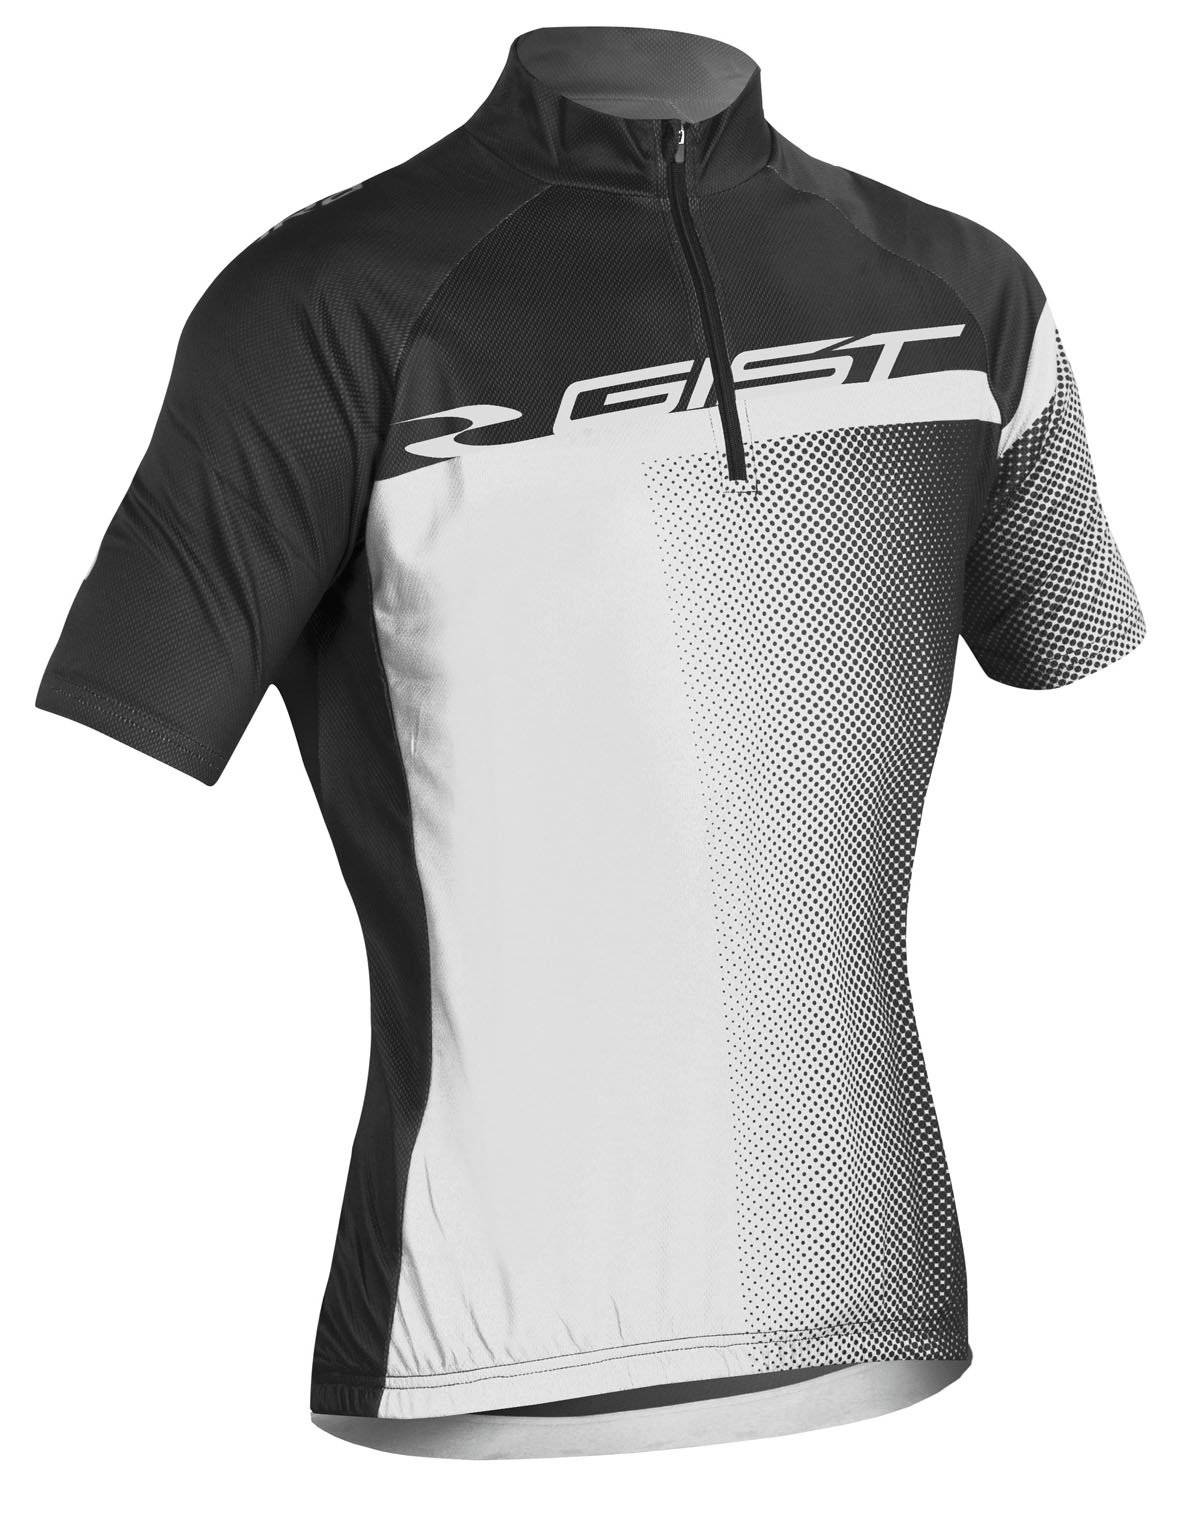 Gist Flow jersey hvid/sort | Trøjer